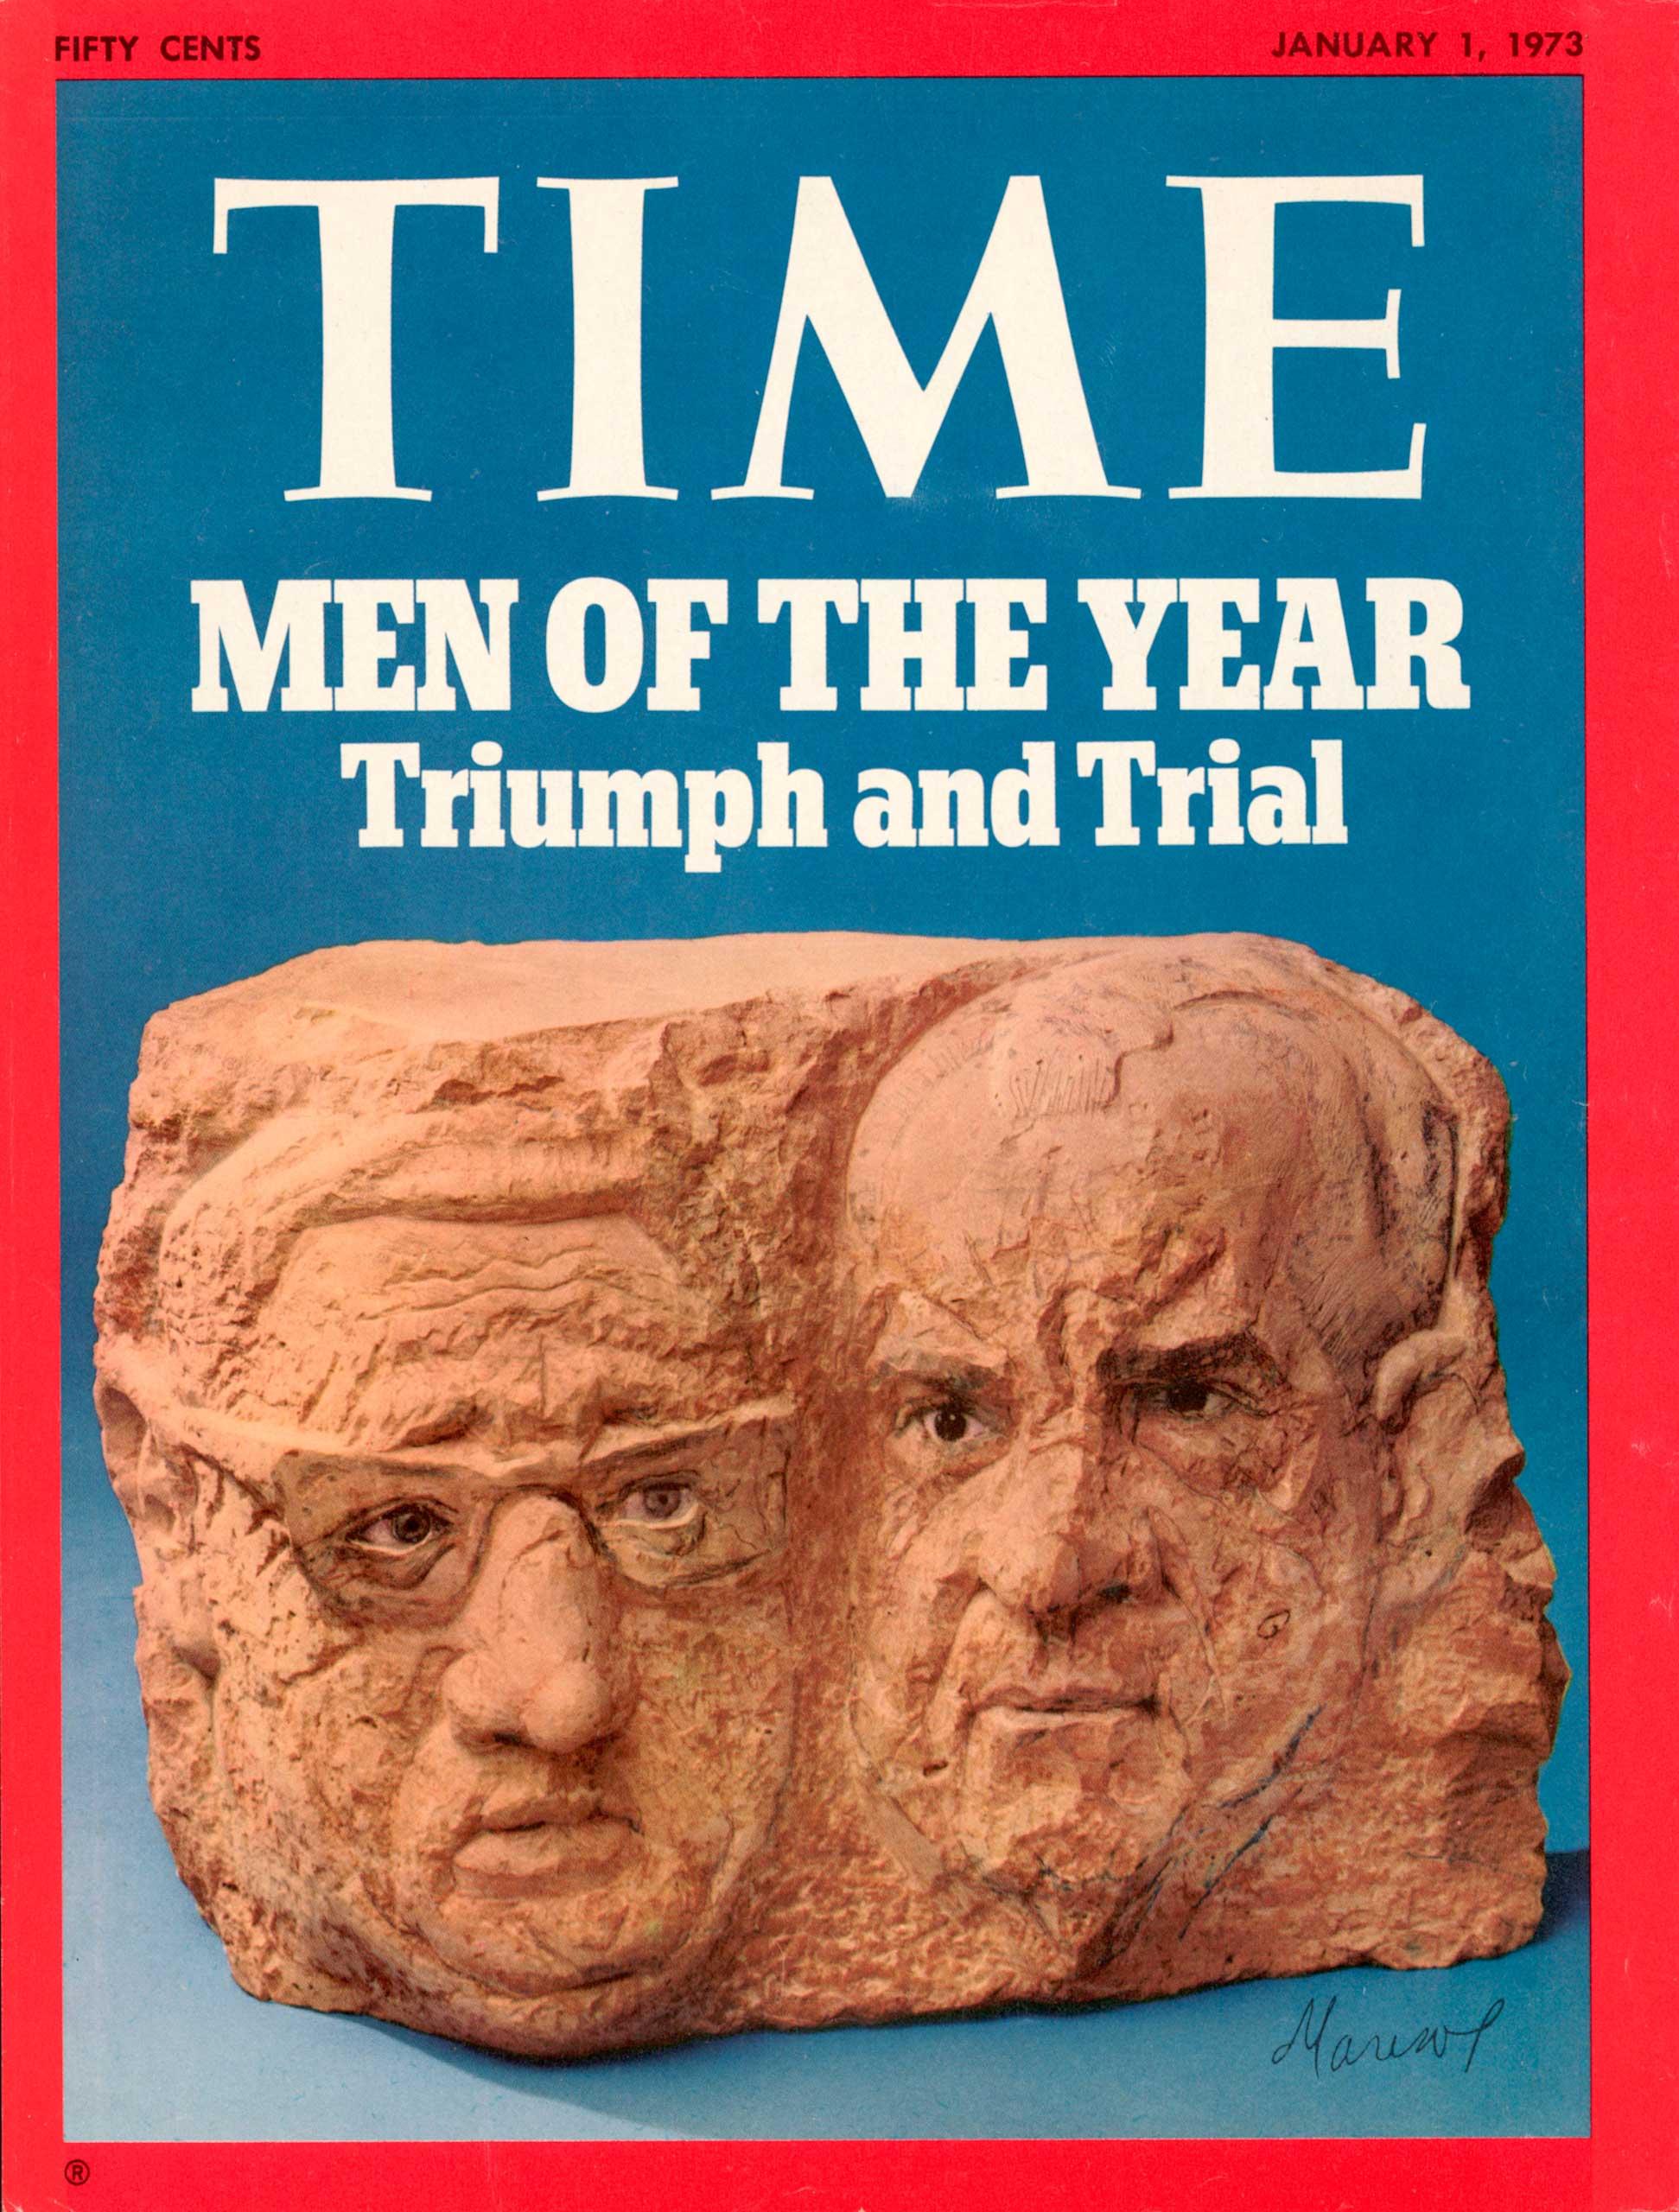 1972: President Richard Nixon and Henry Kissinger